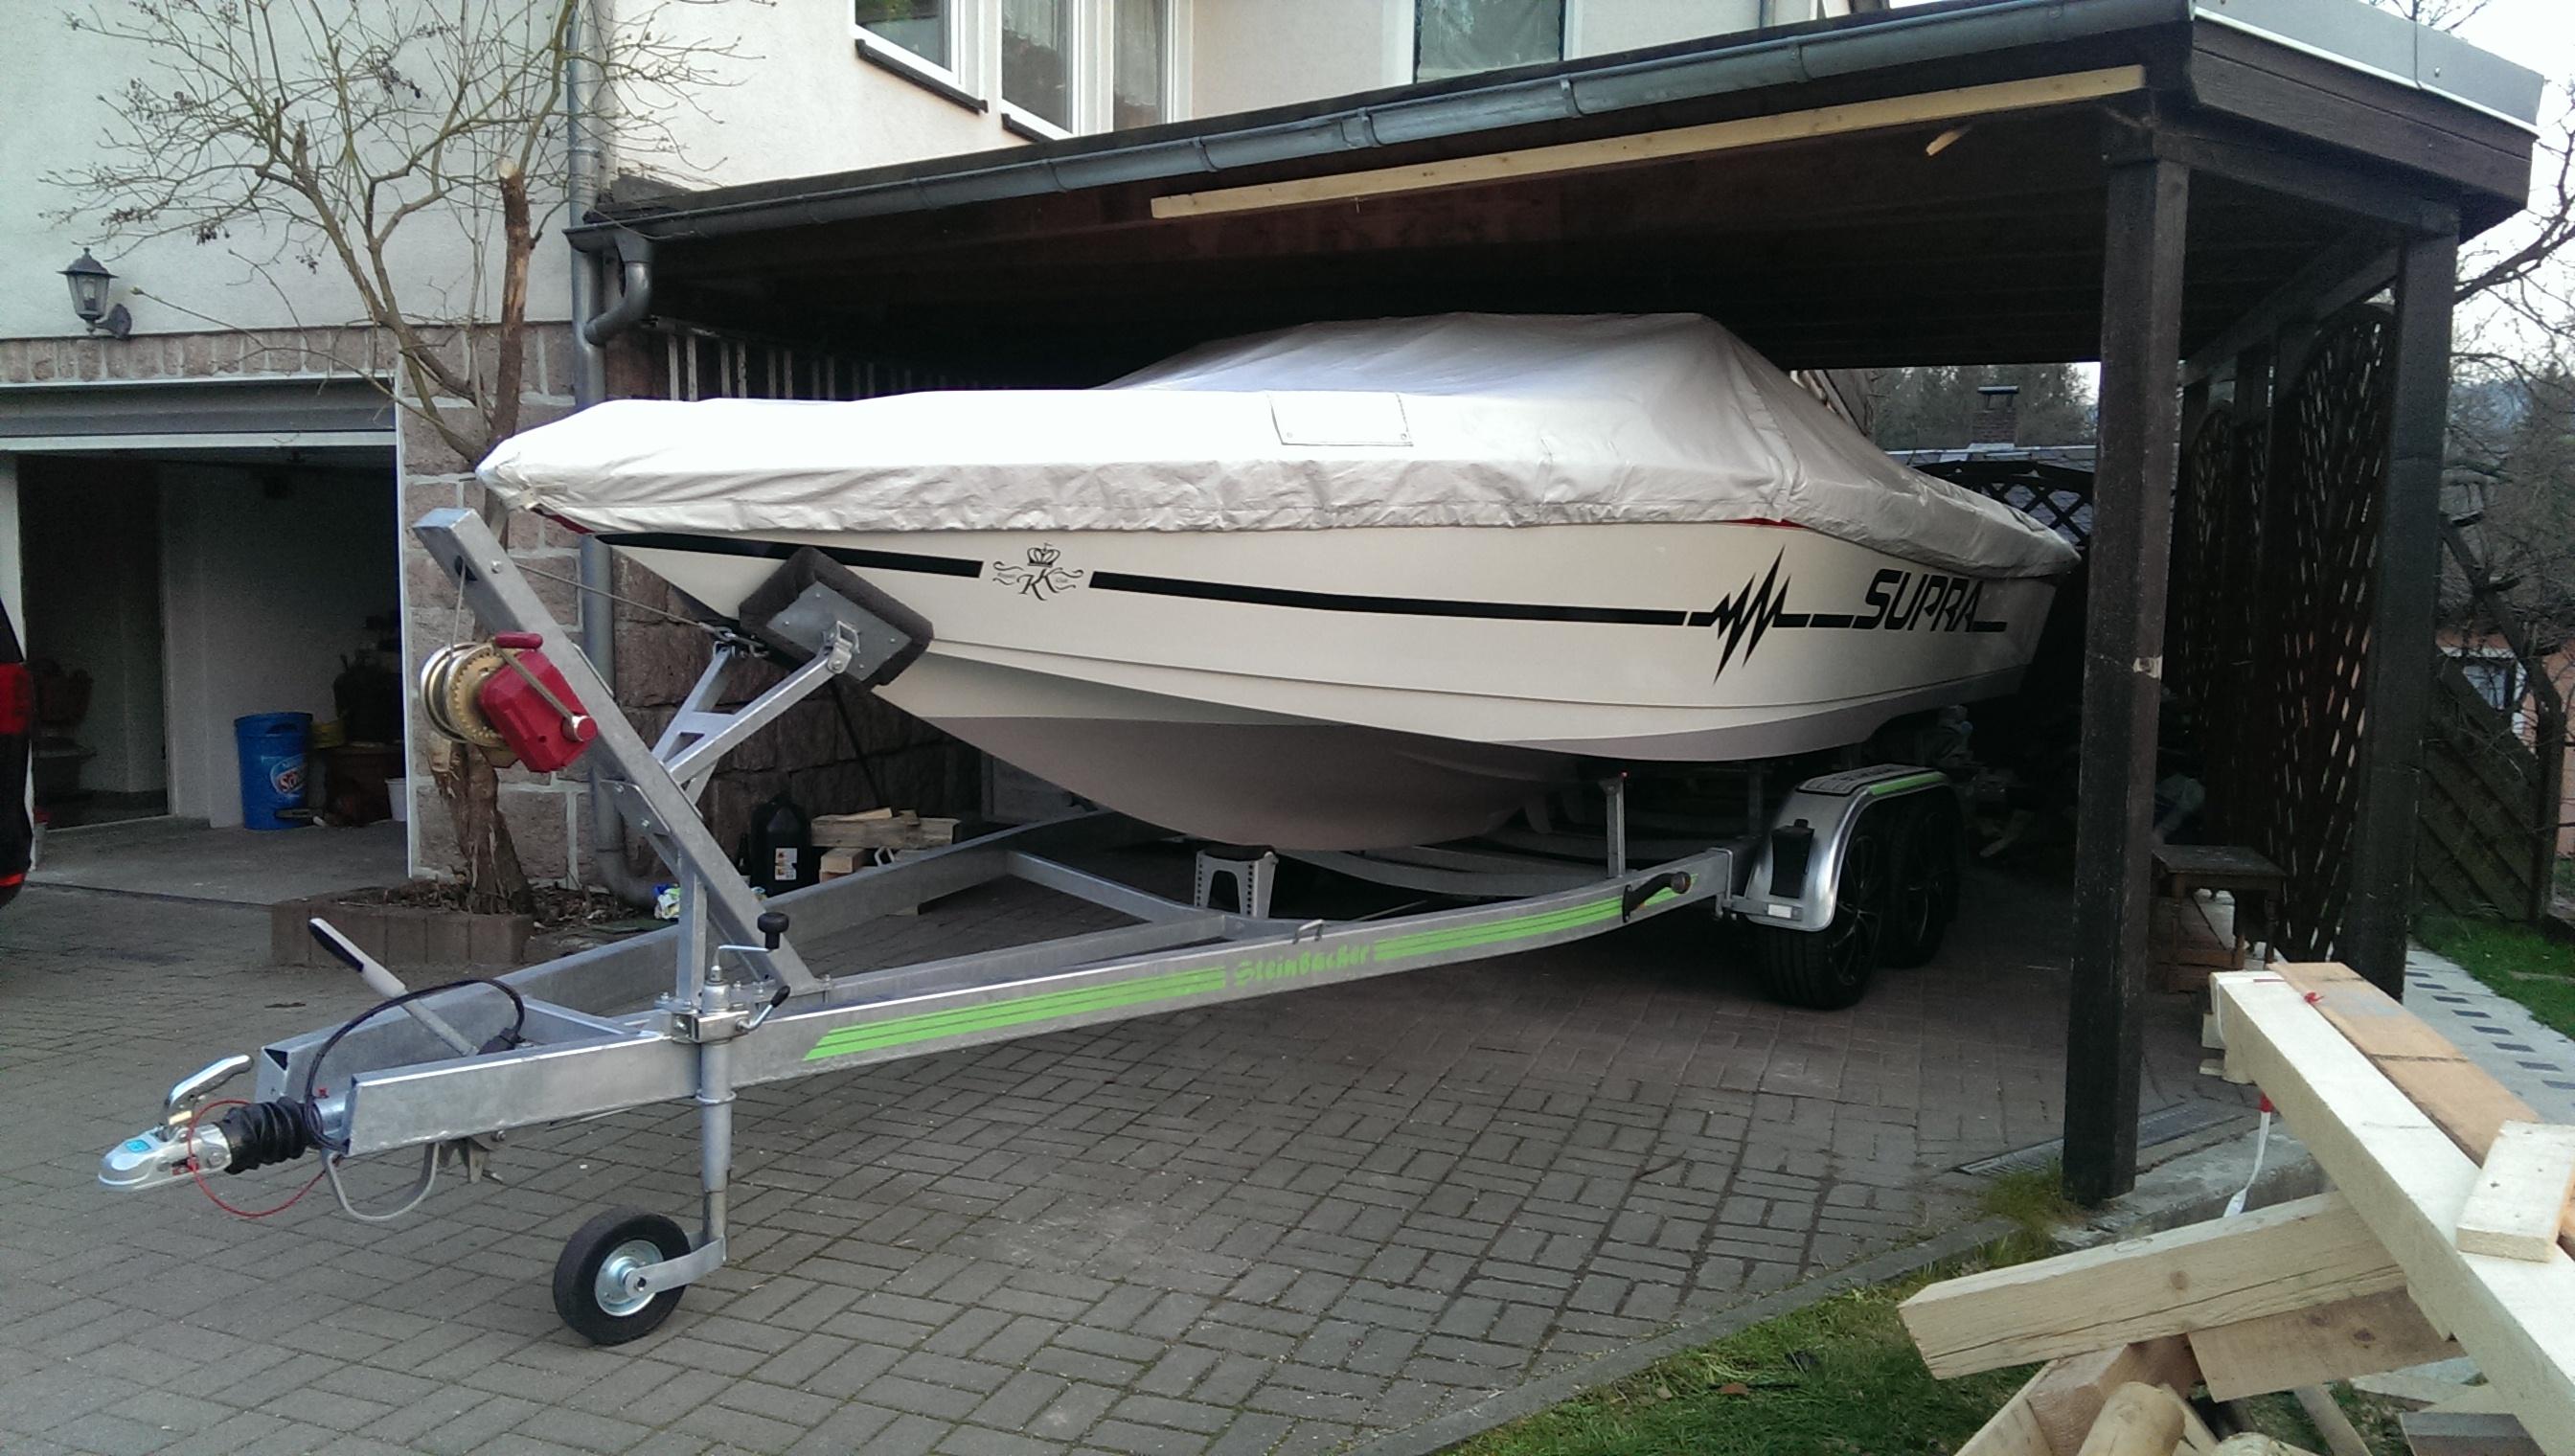 Supra Altare Sportboot